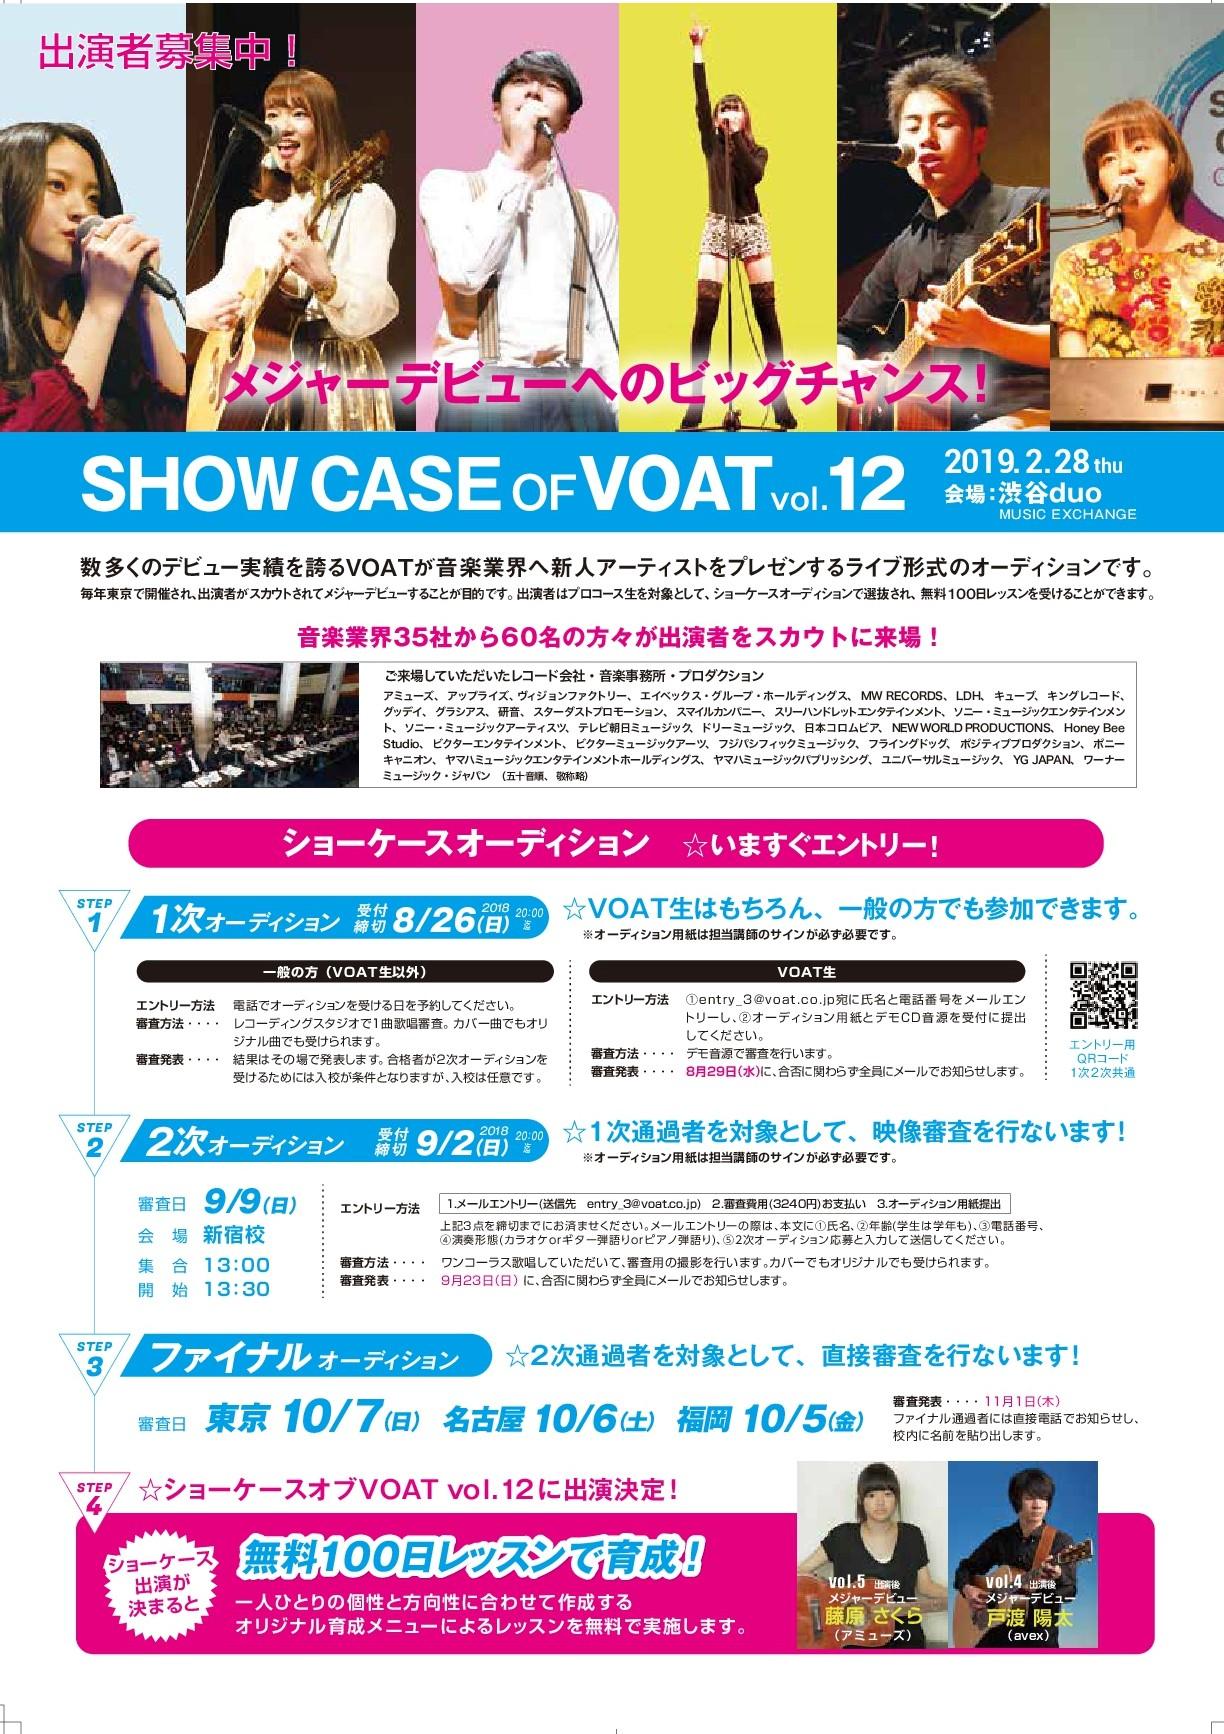 18_6_shinjuku-001.jpg